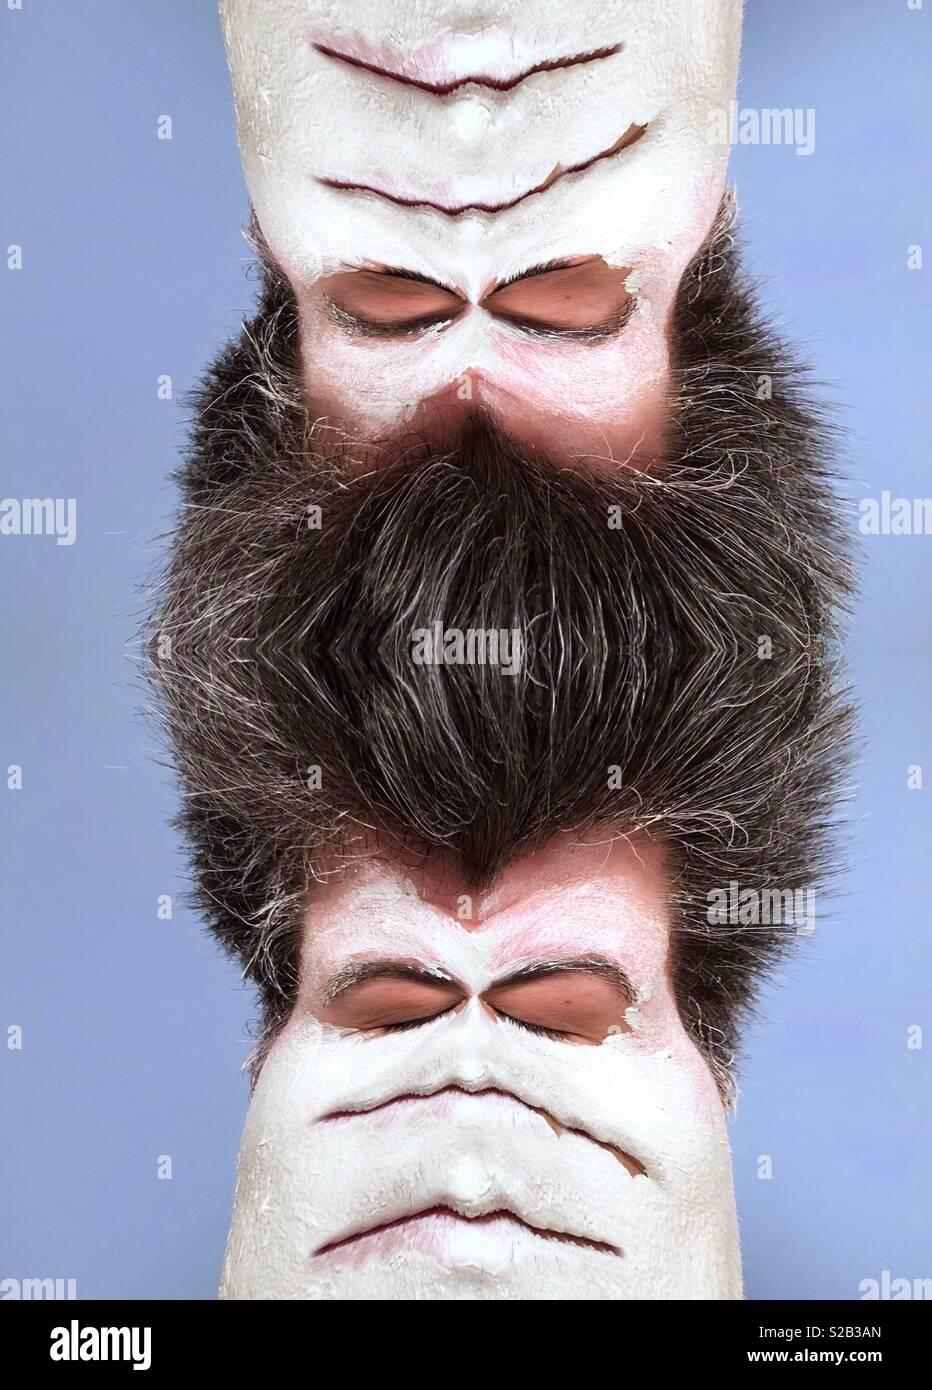 Un resumen de la imagen de una mujer vistiendo una máscara de barro blanco con los ojos cerrados y varias bocas y cabello oscuro refleja para crear una extraña Imagen De Stock